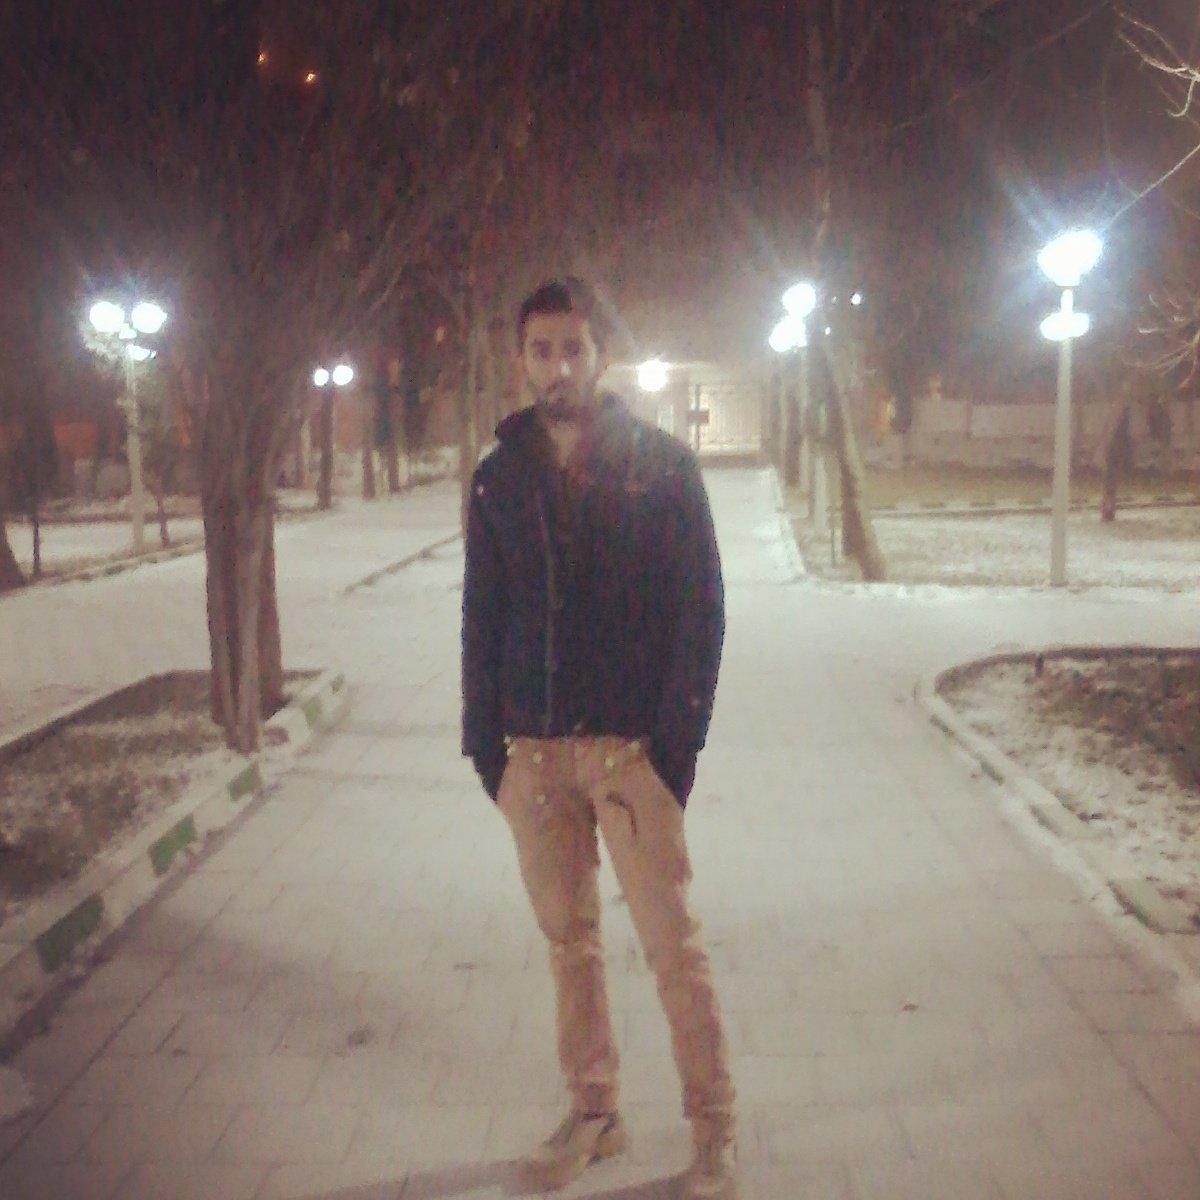 night #snow pic.twitter.com/34hdXLqJqp